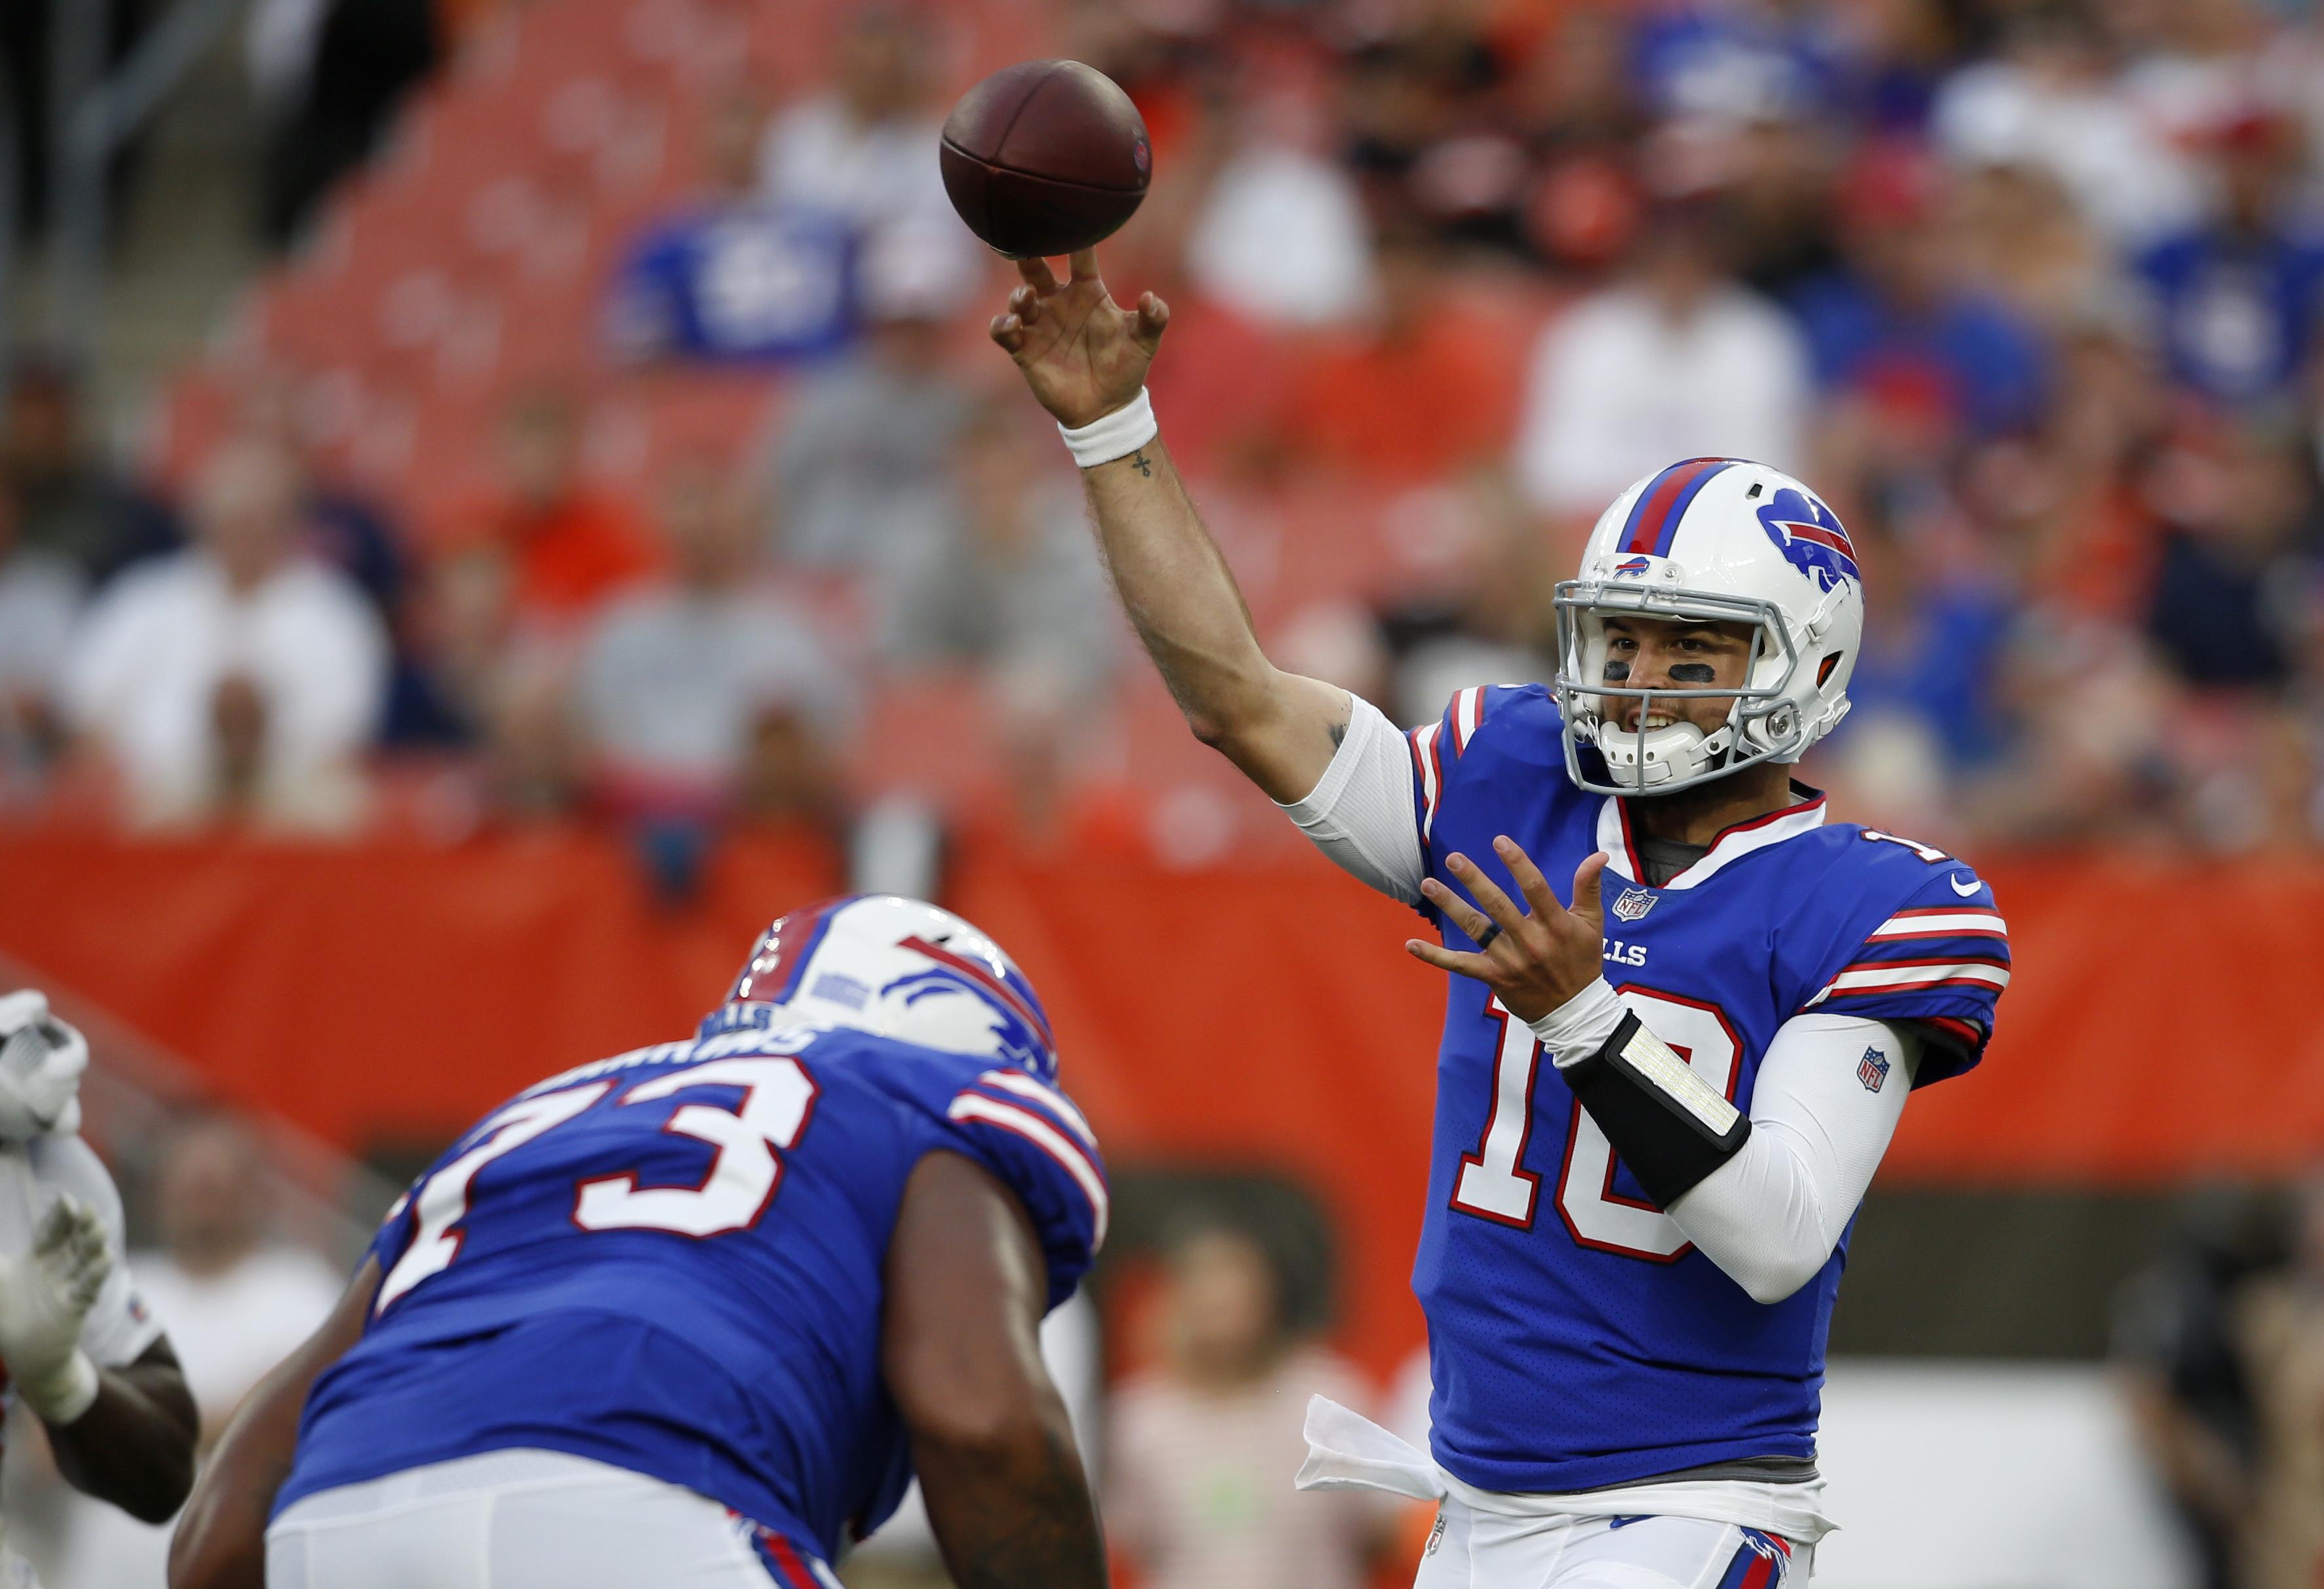 McCarron injured as Bills down Browns 19-17